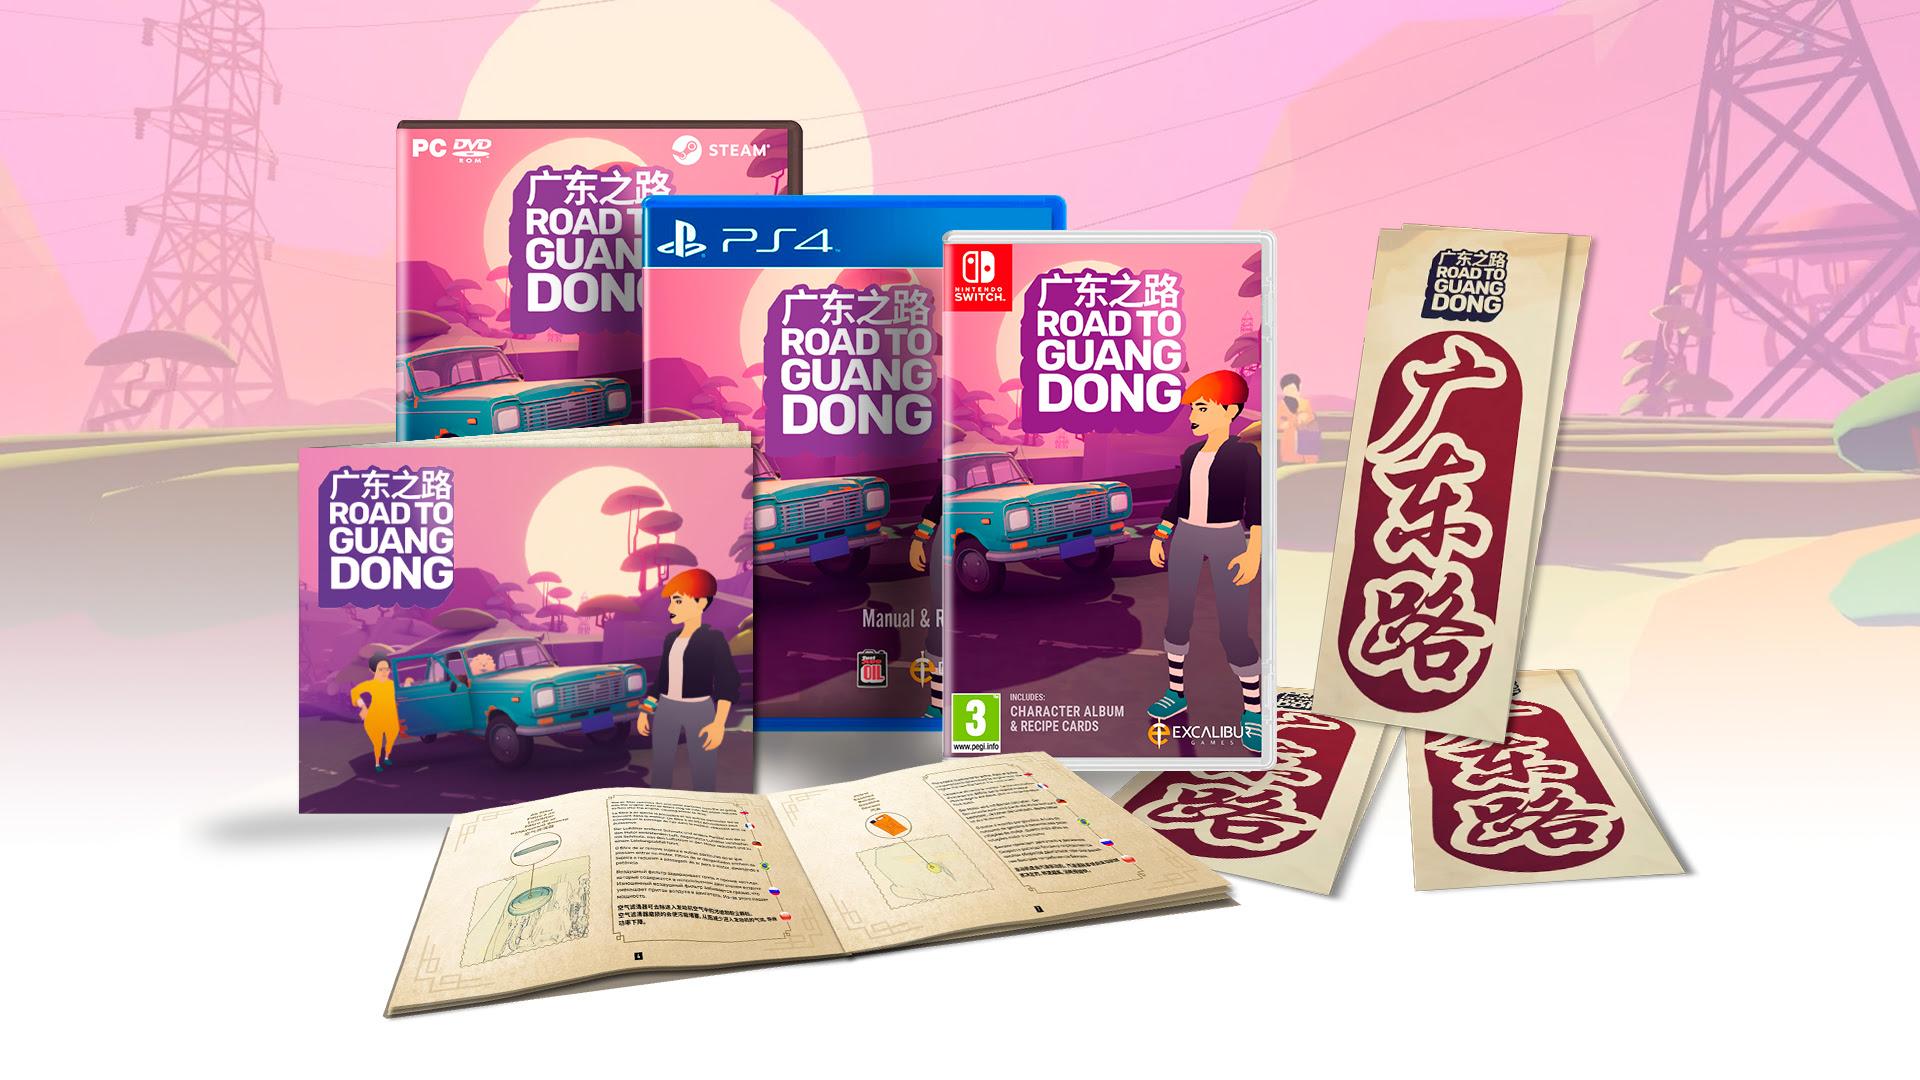 Comienza el viaje en Nintendo Switch y PlayStation 4 de Road to Guangdong